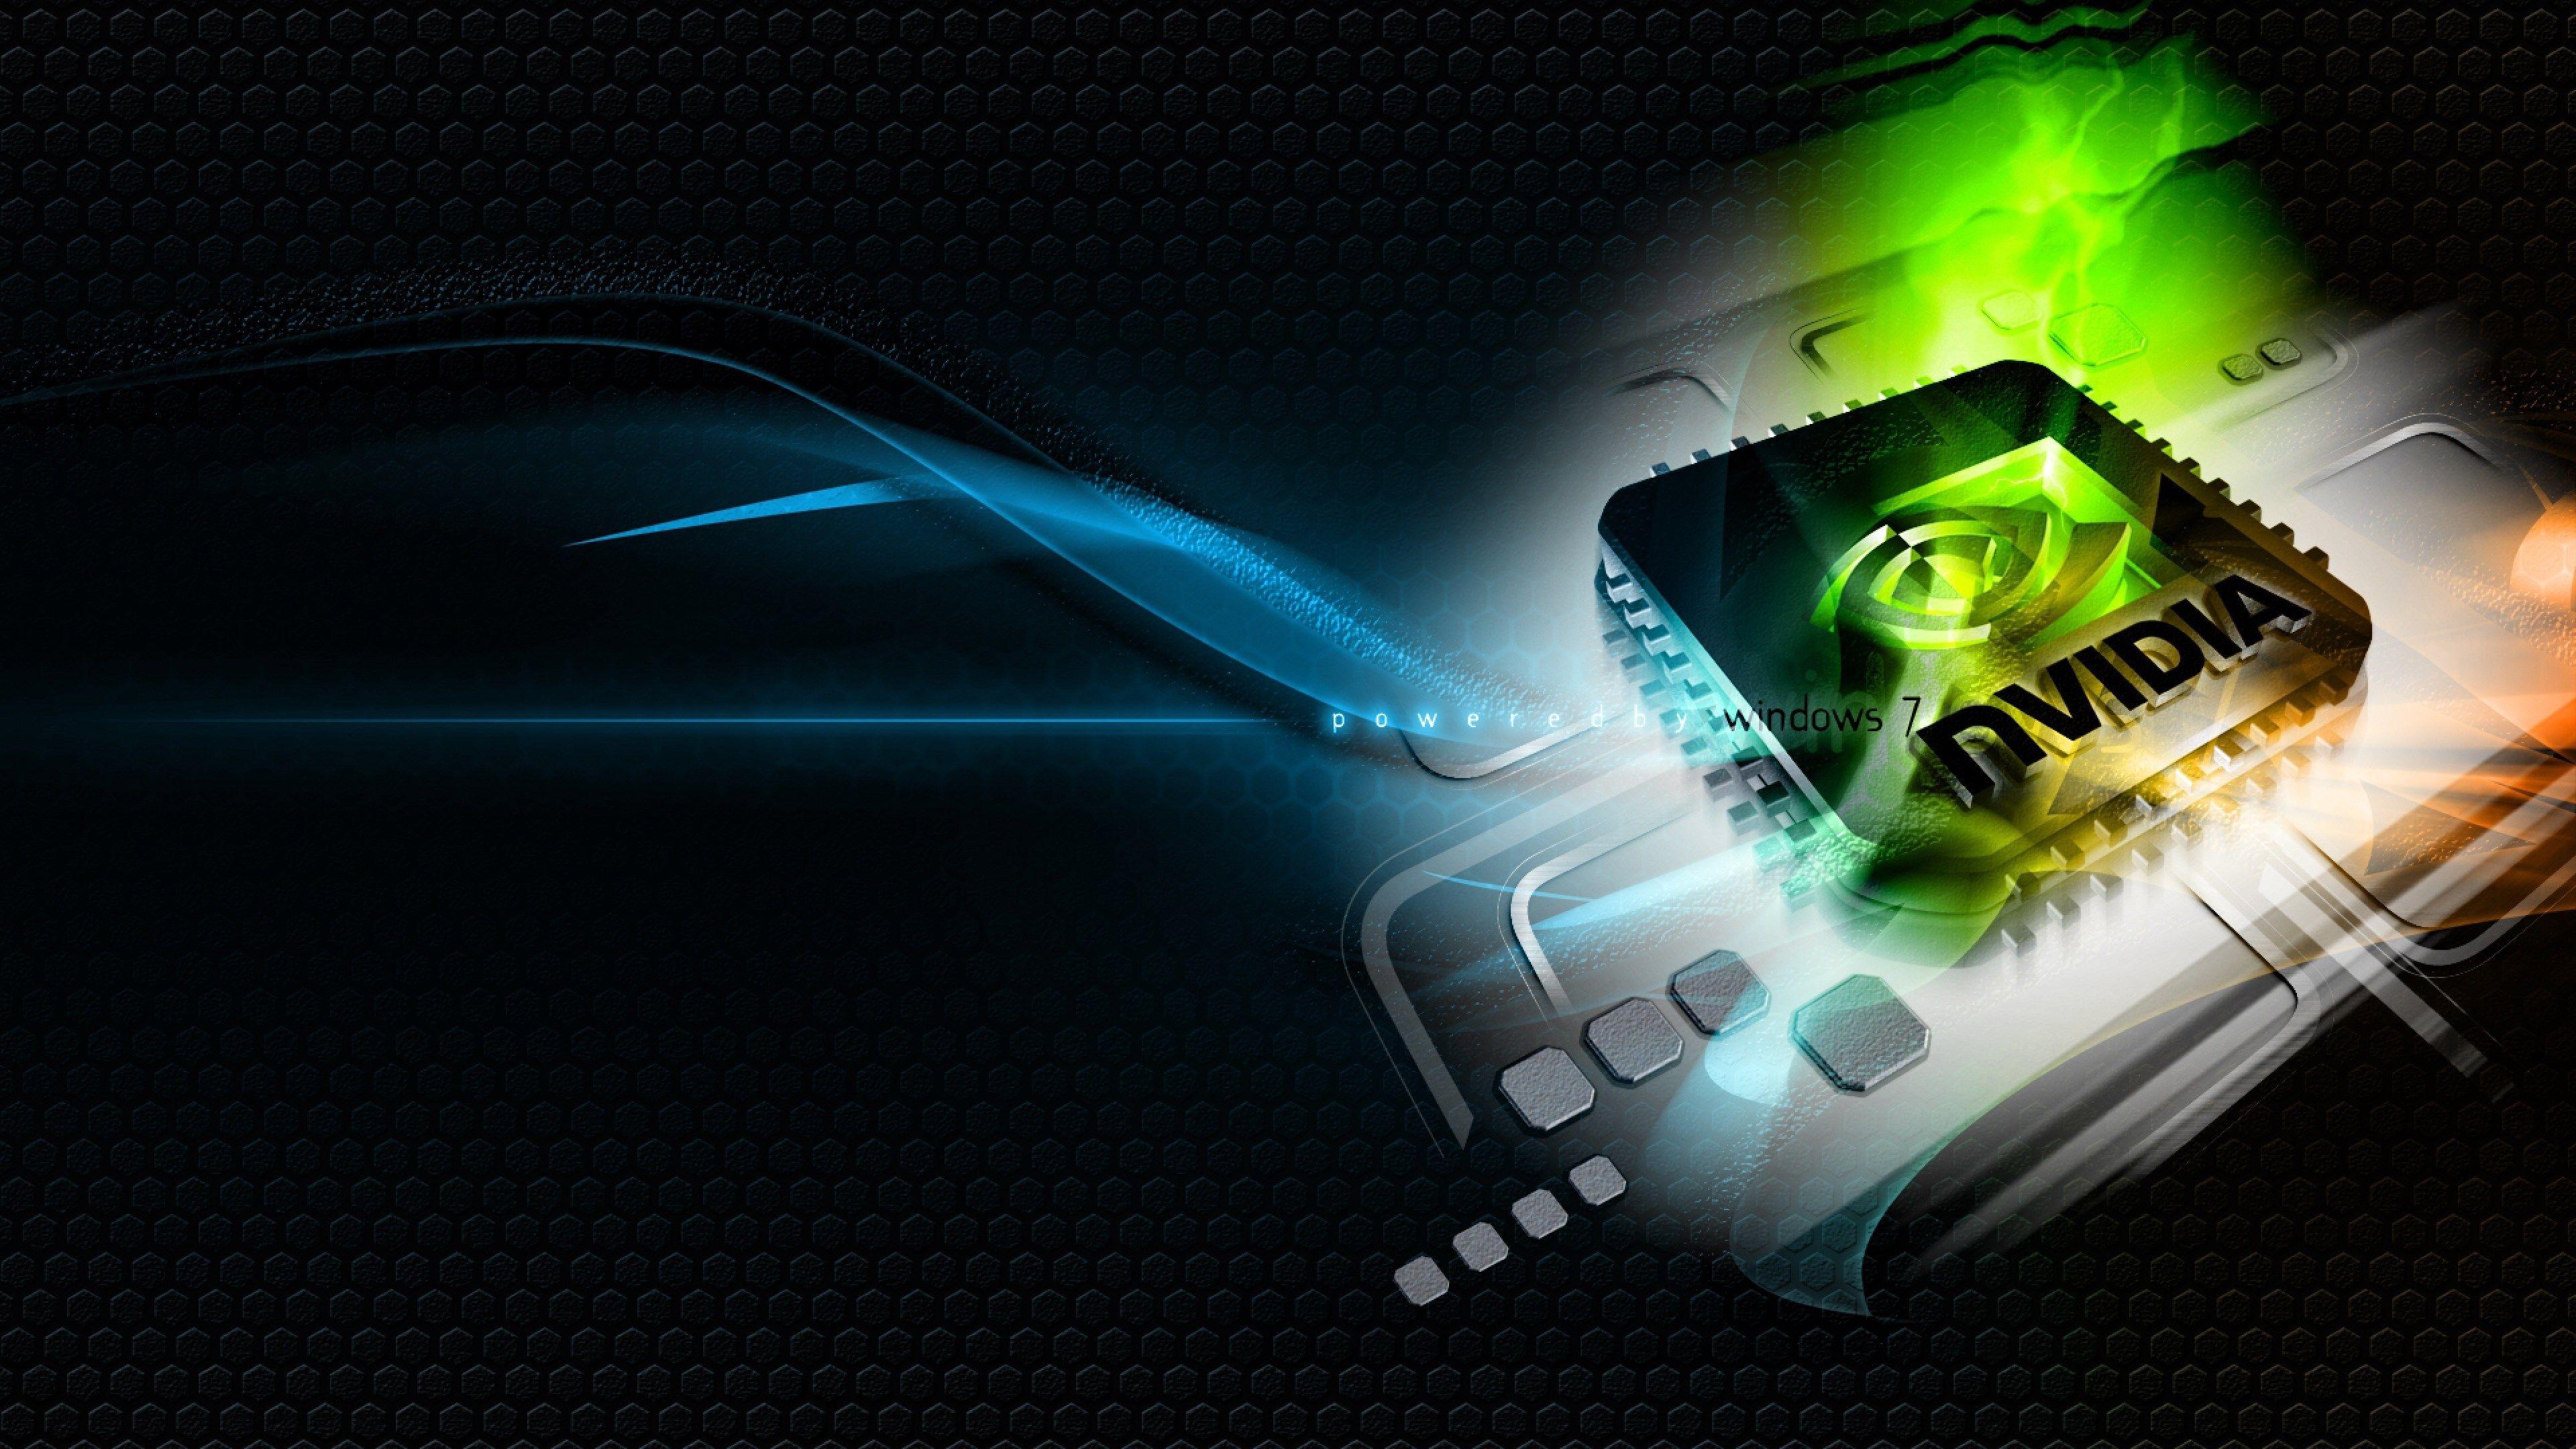 Nvidia Widescreen Retina Imac 3840x2160 Foto De Computador Papel De Parede Hd Imagem De Fundo De Computador